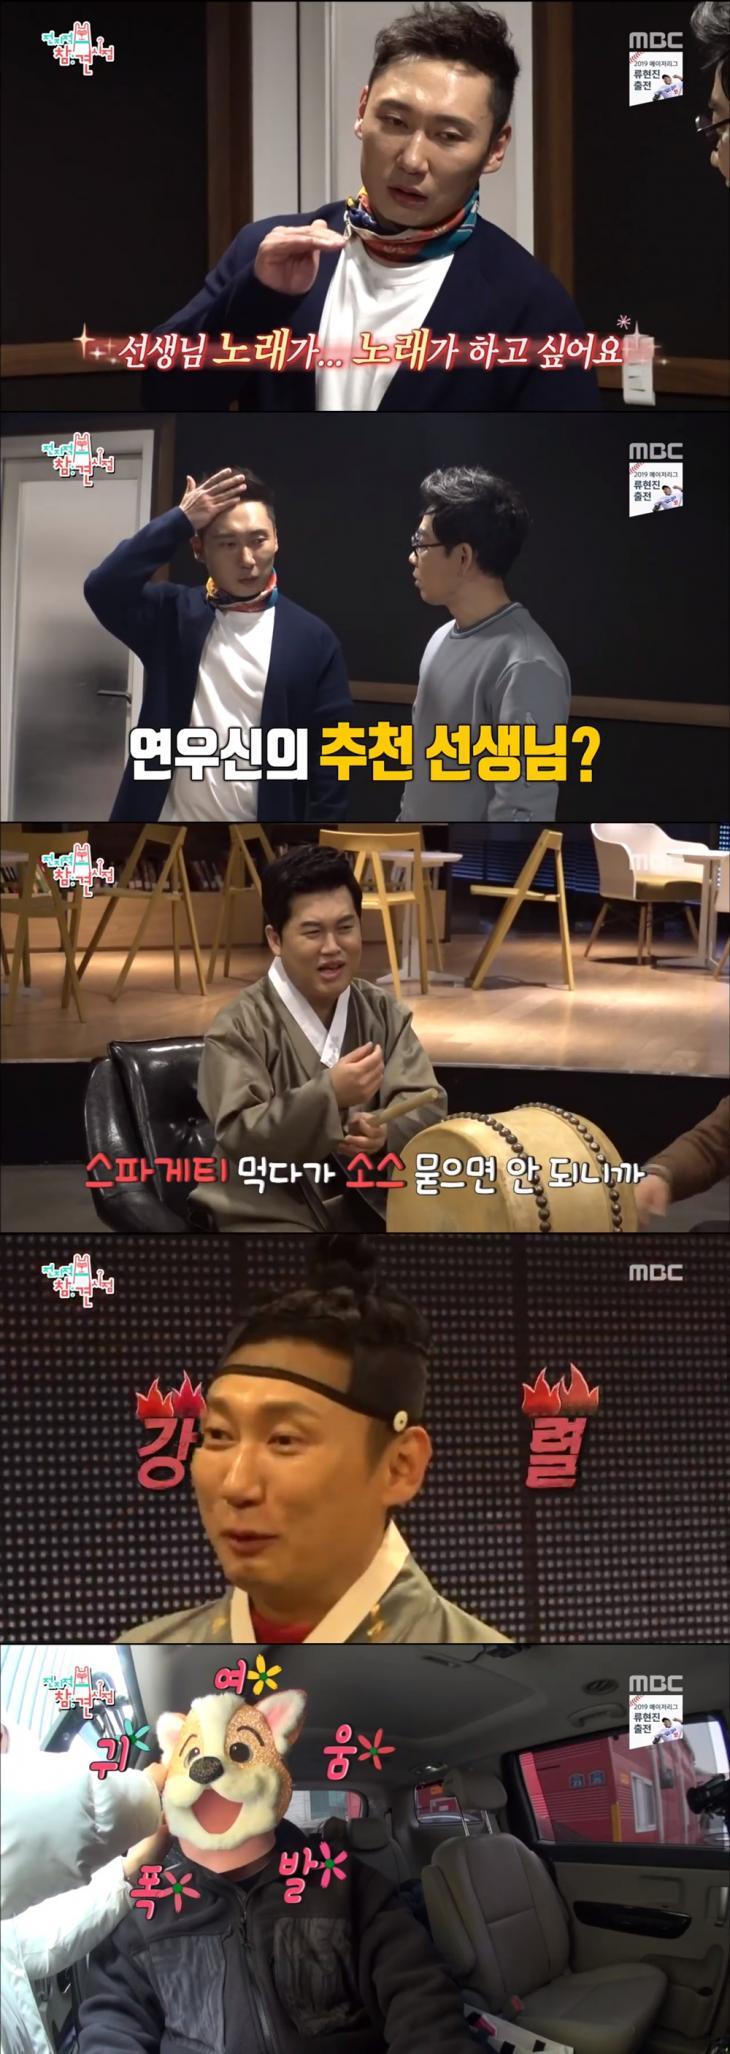 MBC '전지적 참견 시점' 방송 캡쳐